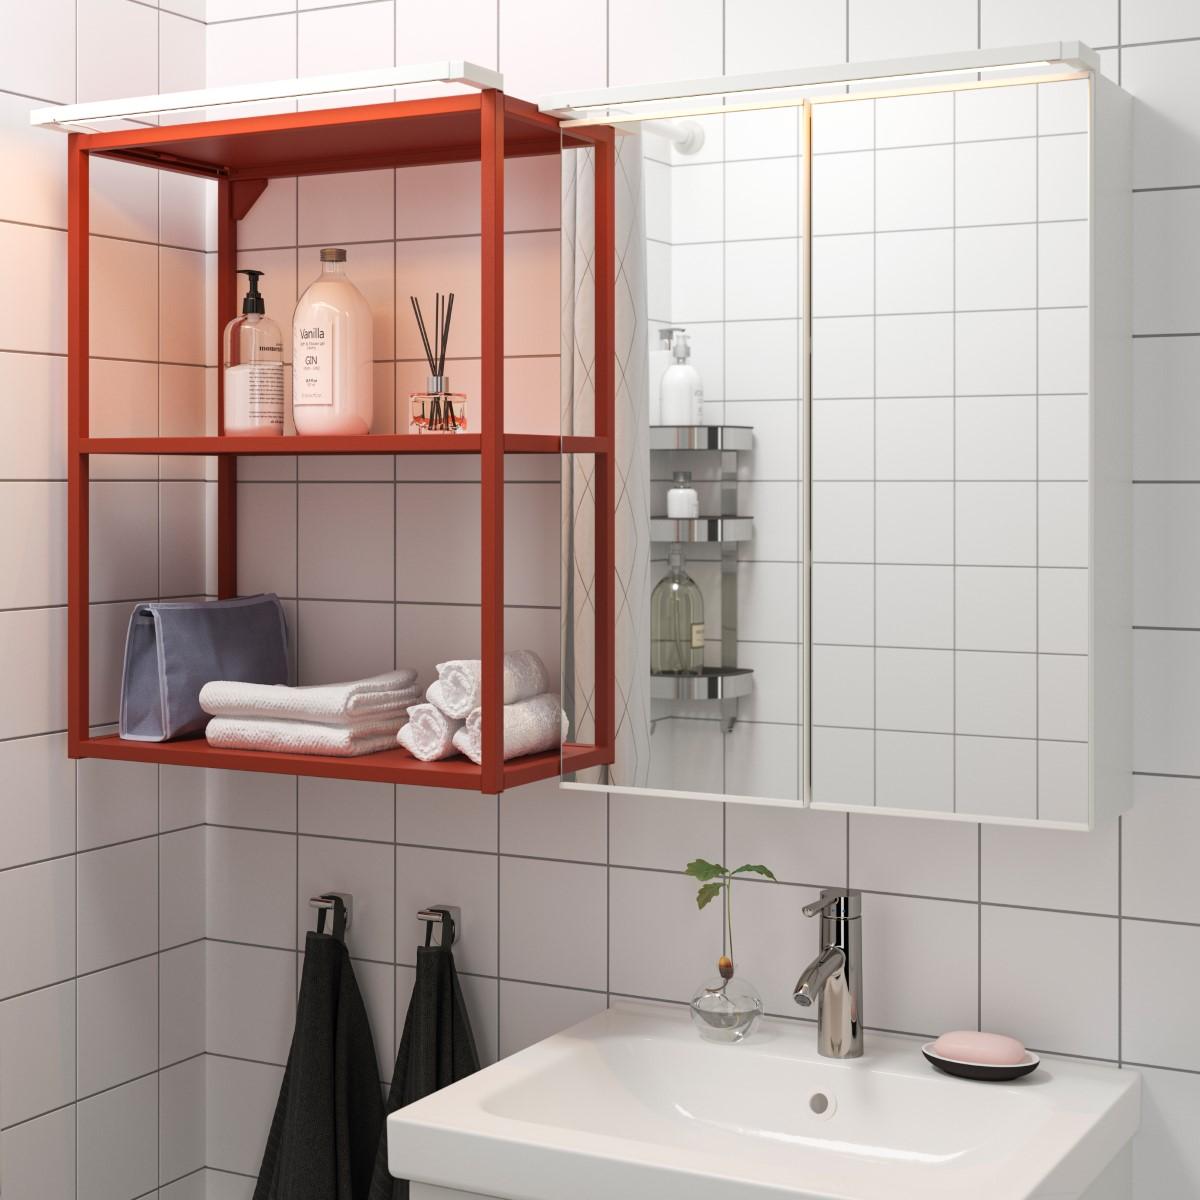 Ikea SILVERGLANS Günstige Lichtleisten erweitern ab Februar 20 ...